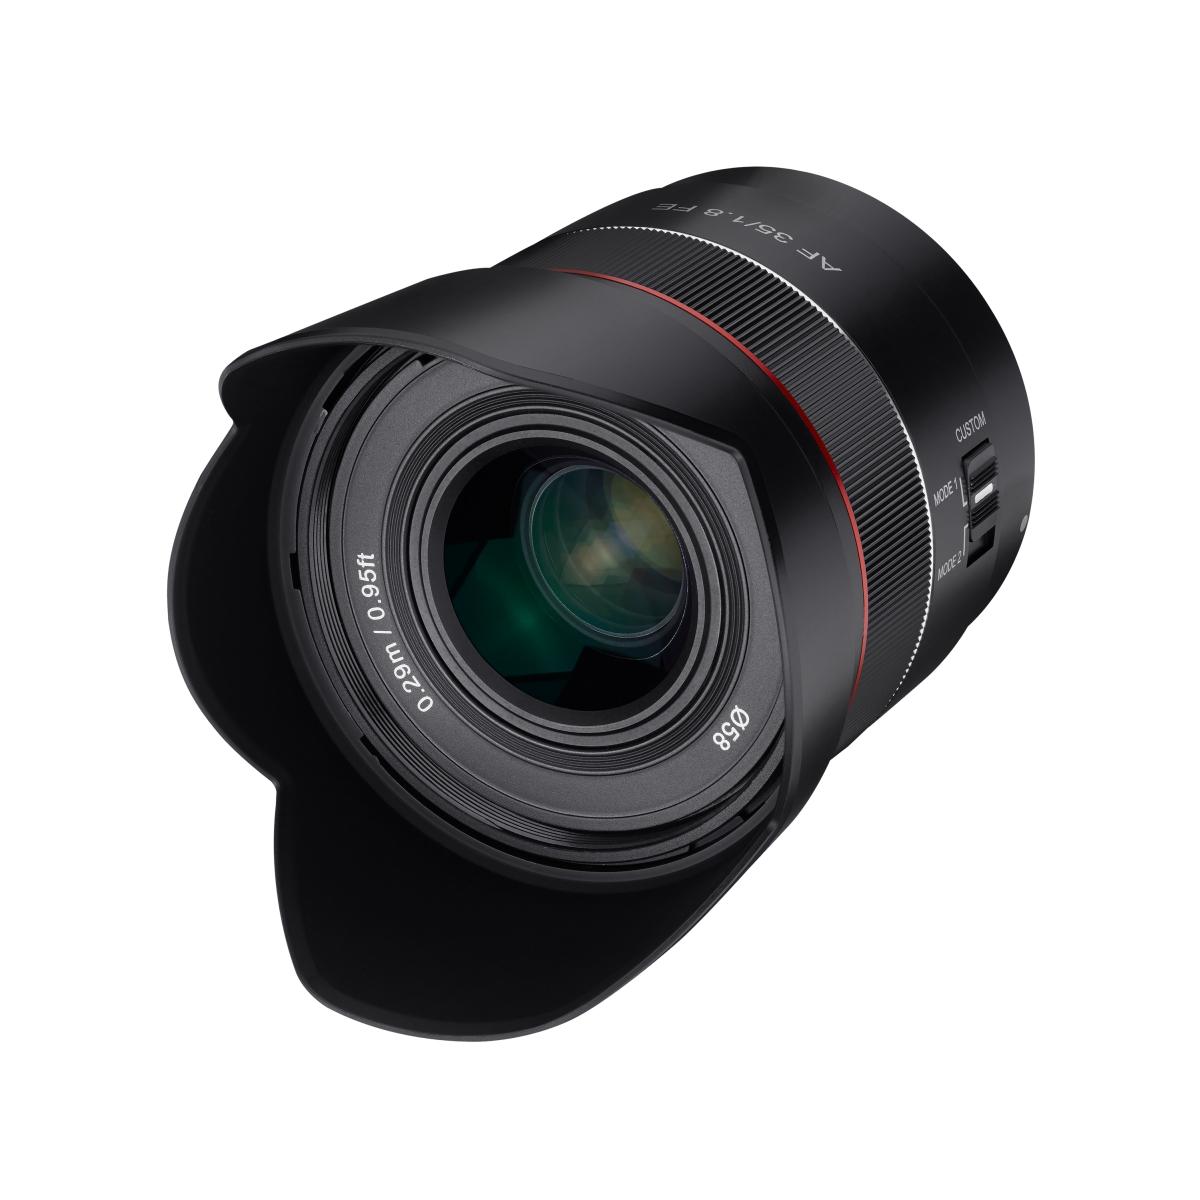 Tiny E Mount - New 35mm AF full frame lens from Samyang